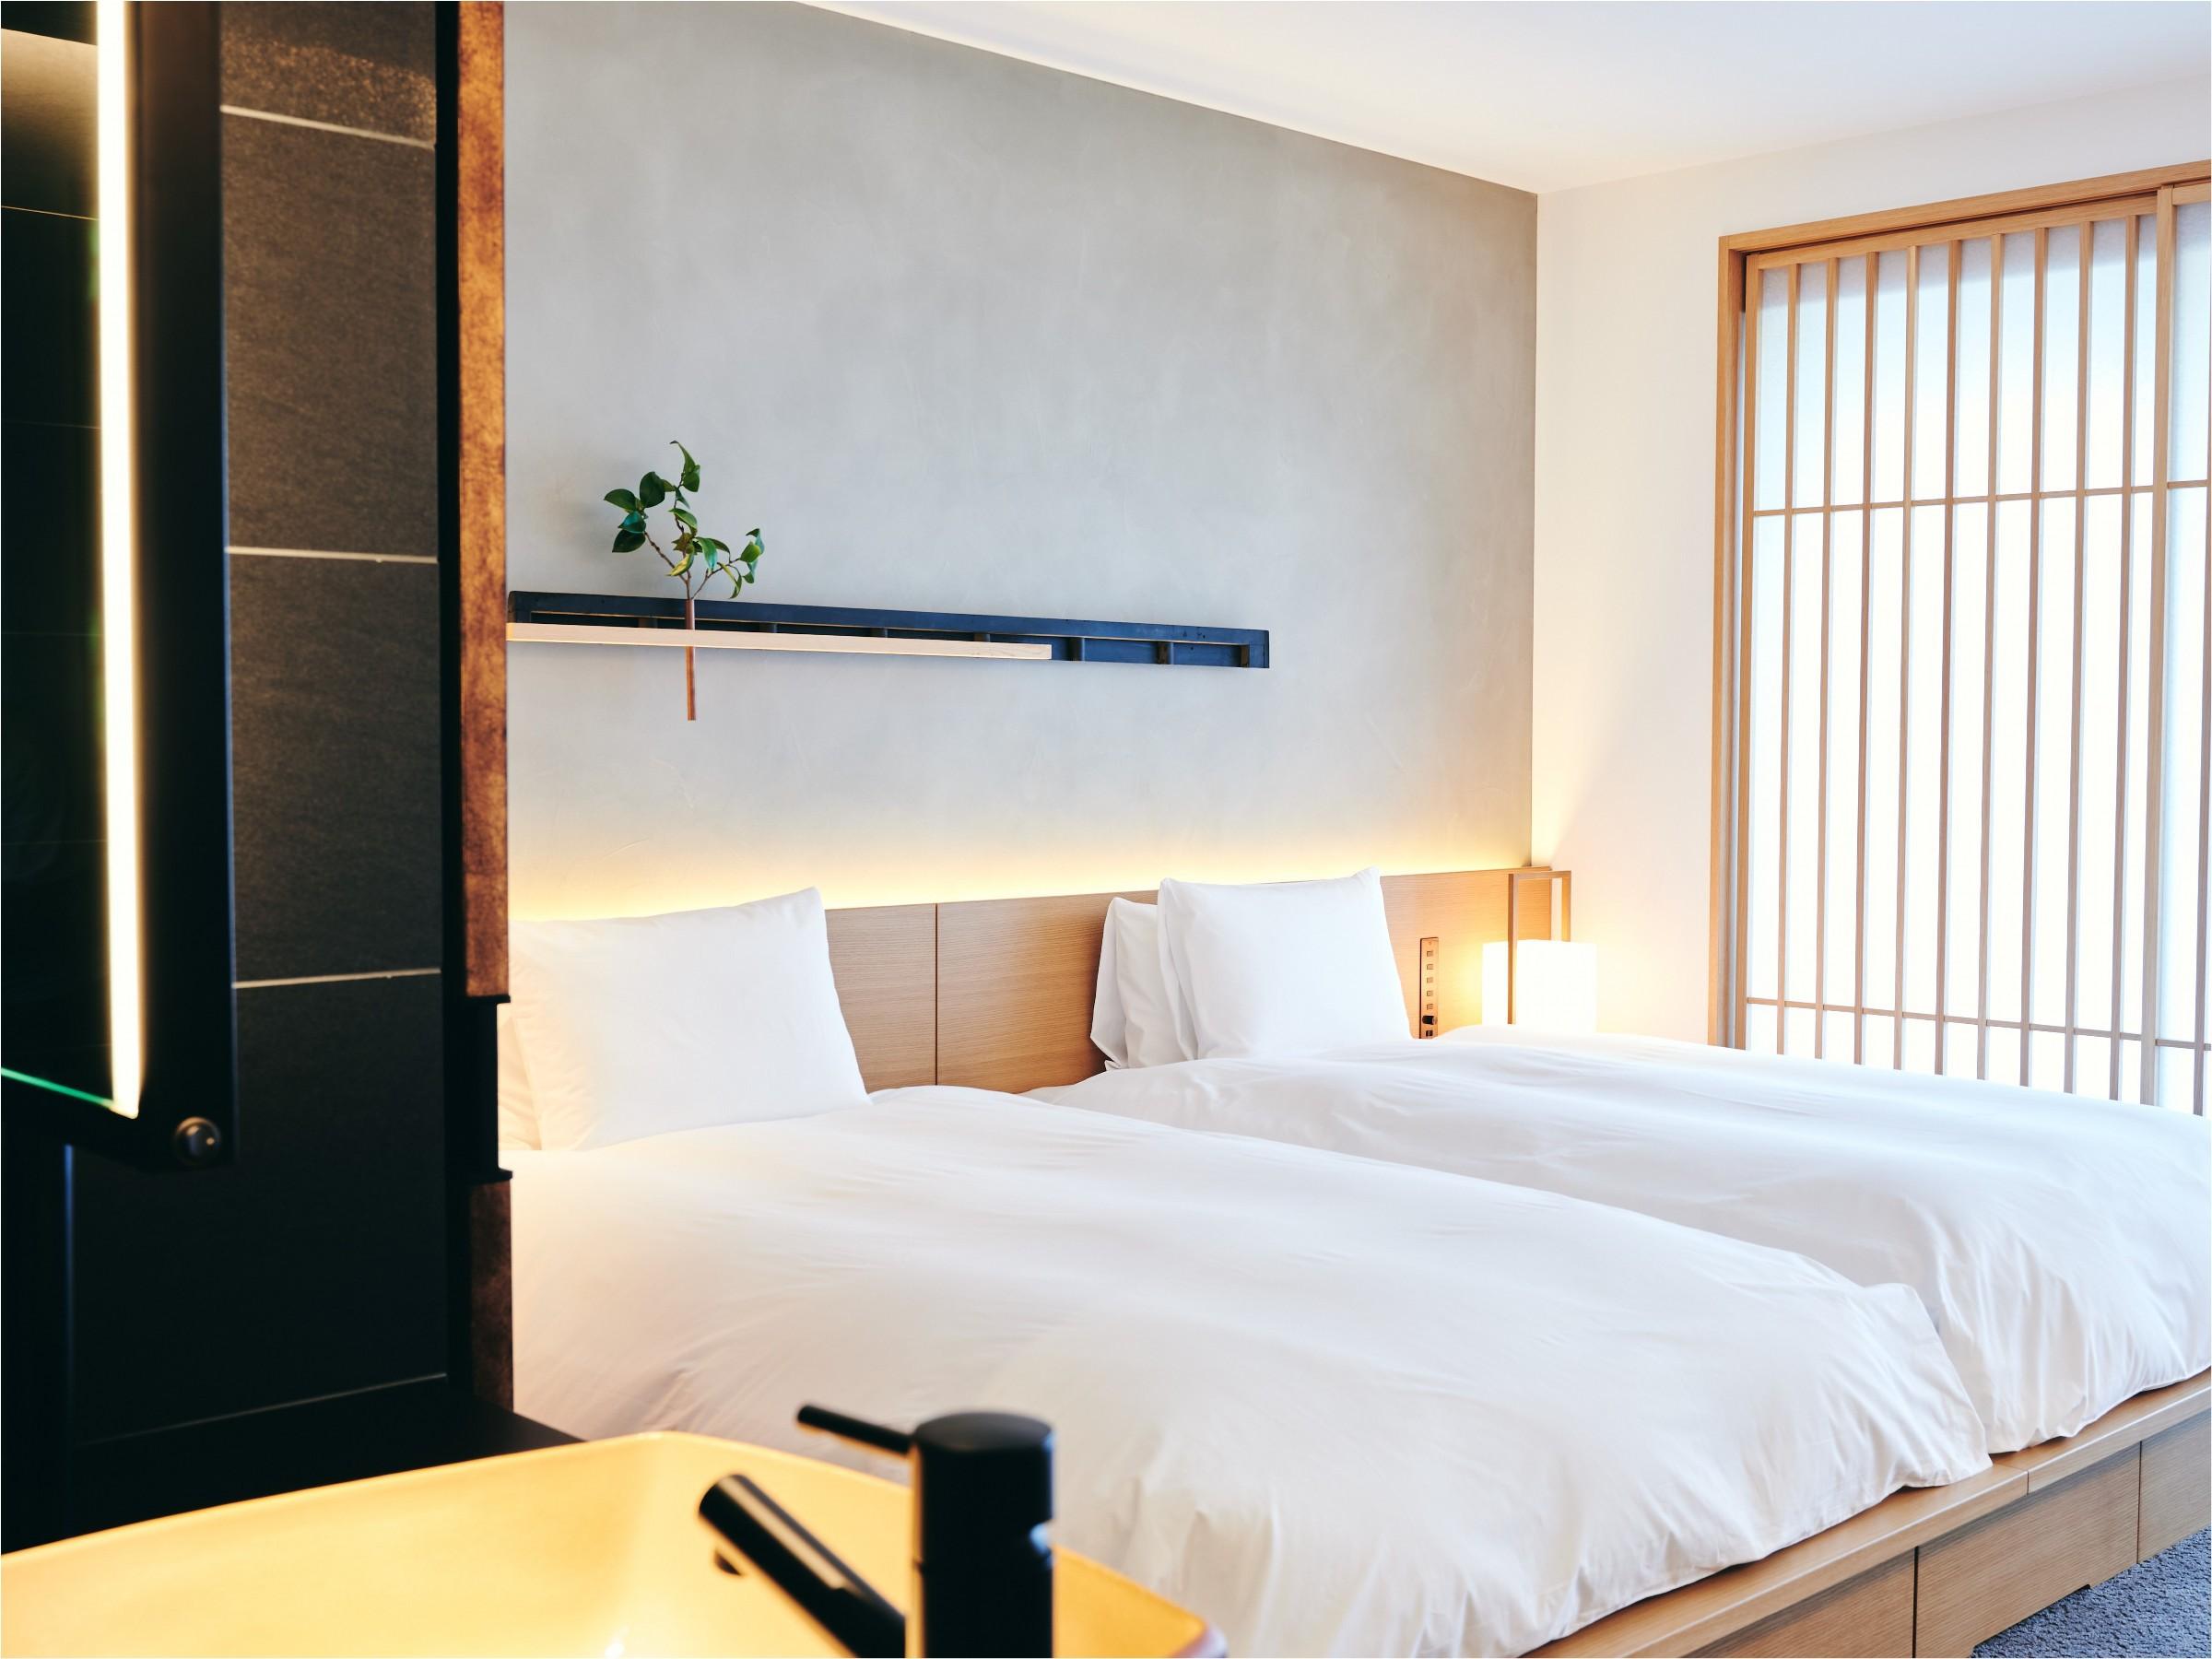 Hibaburo Deluxe/セミダブルサイズのベッドでゆっくりお休みください。